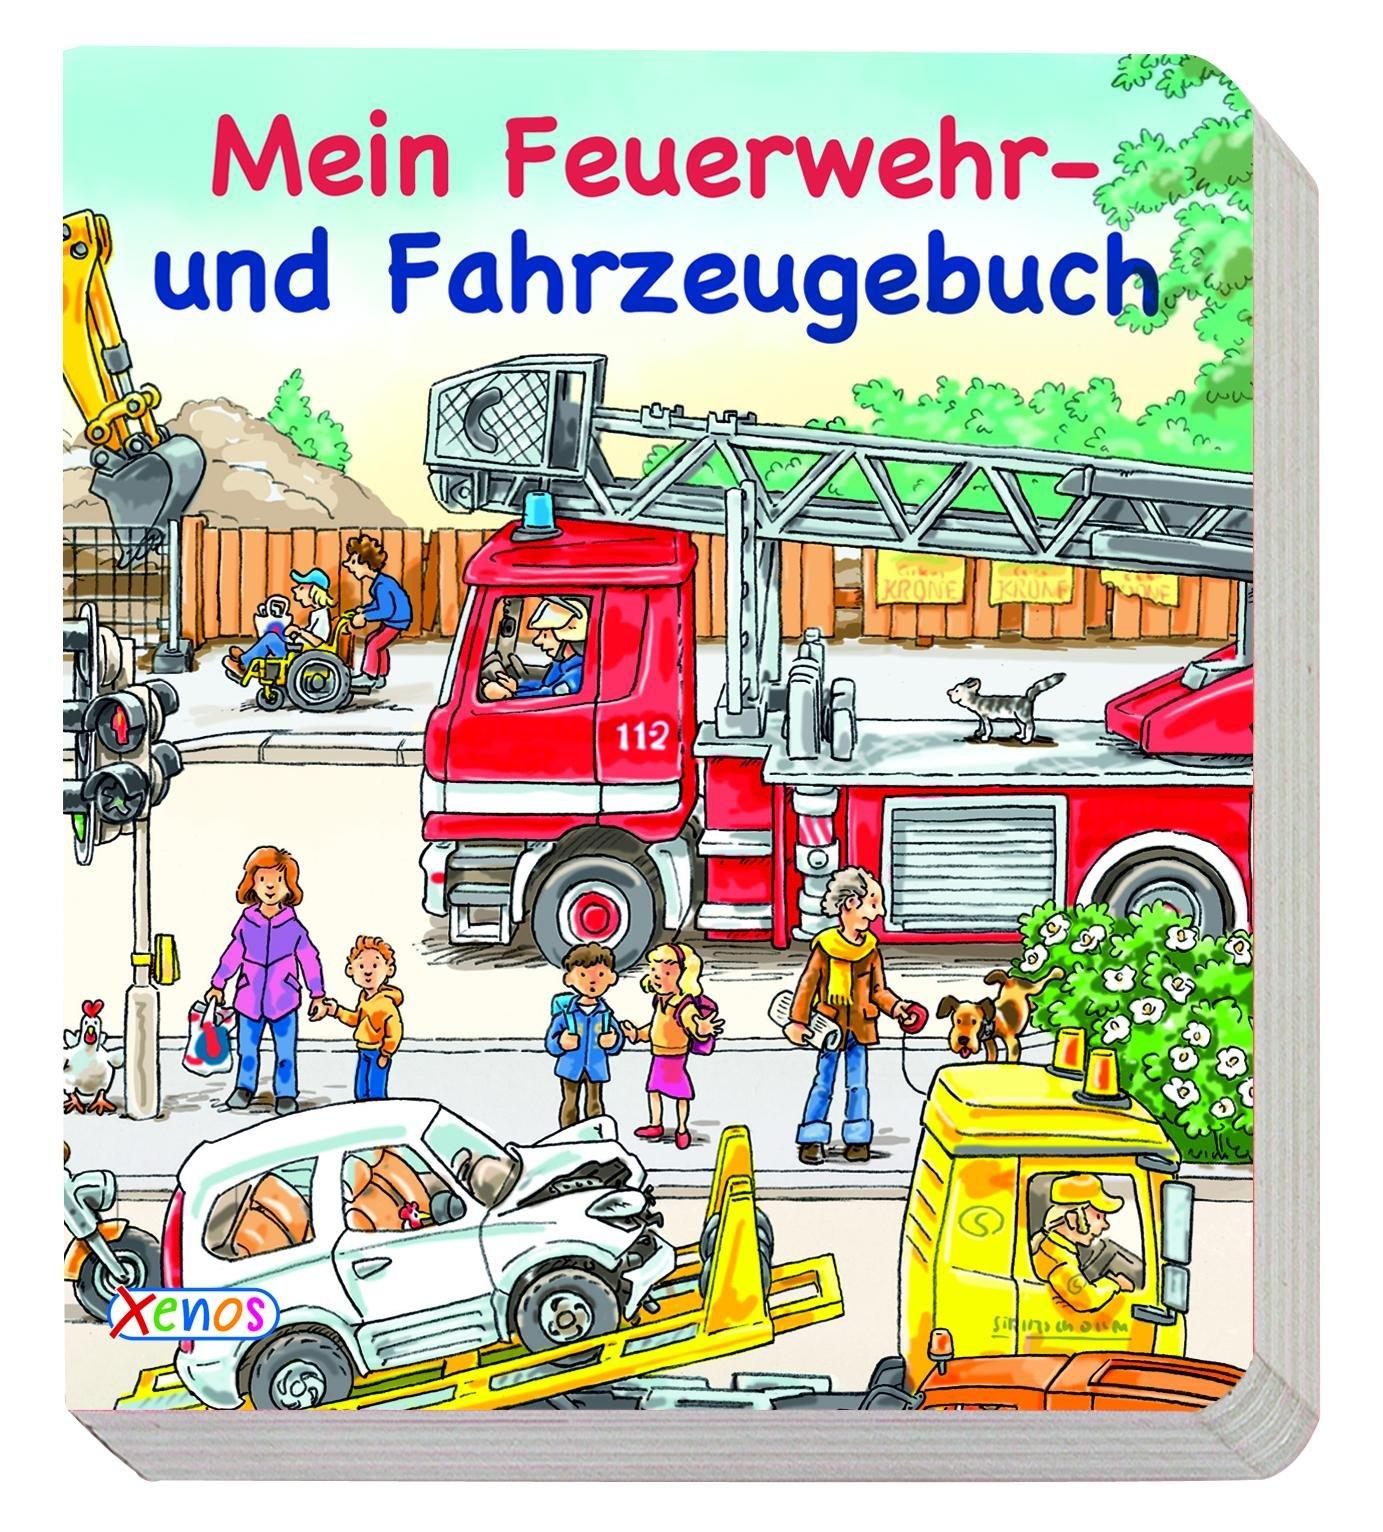 Mein Feuerwehr- und Fahrzeugbuch